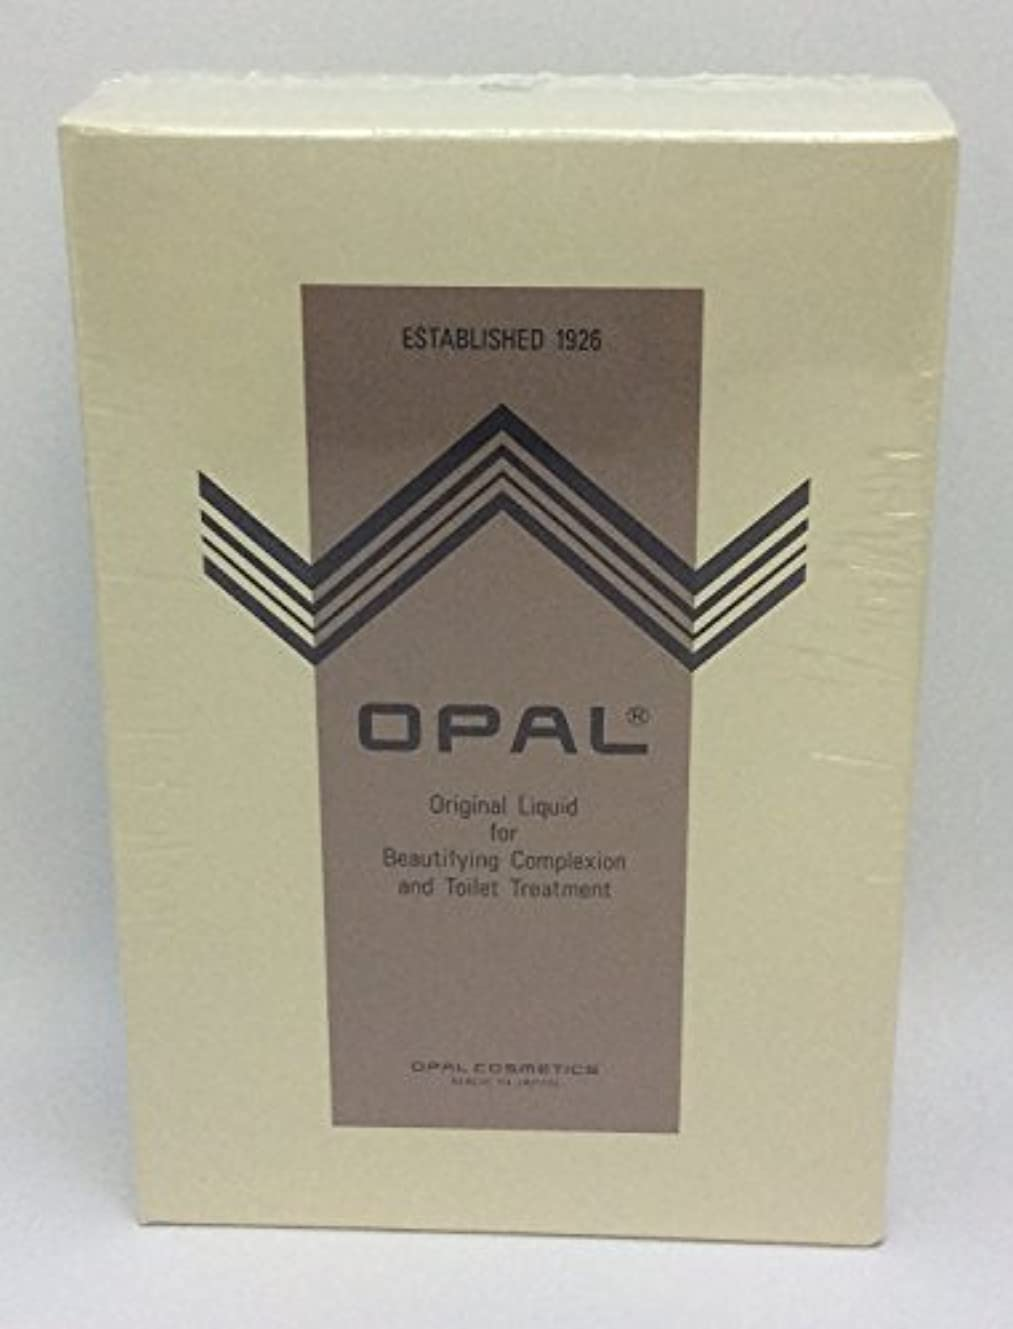 優雅な勝利したおばさんオパール化粧品 美容原液 薬用オパール(普通肌?荒肌用化粧水) 医薬部外品 (250ml)